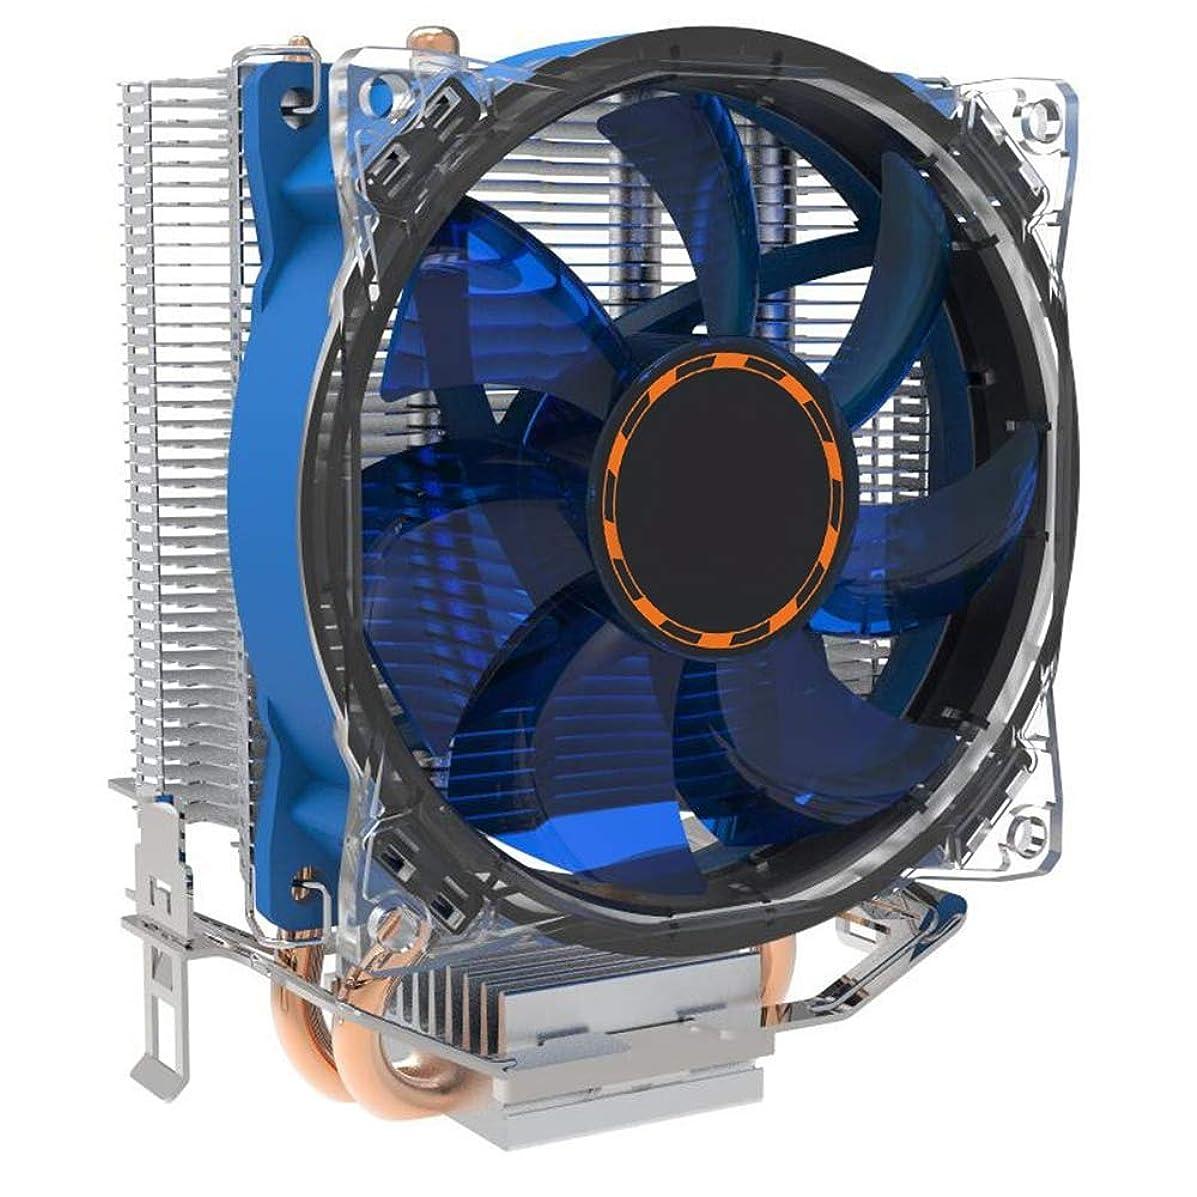 muxiao CPU Fan Cooler CPU Heatsink with Two Copper Pipes Ultra-Silence CPU Radiator CPU Fan 1151/1155 35Cfm CPU Cooler Computer for Intel&AMD